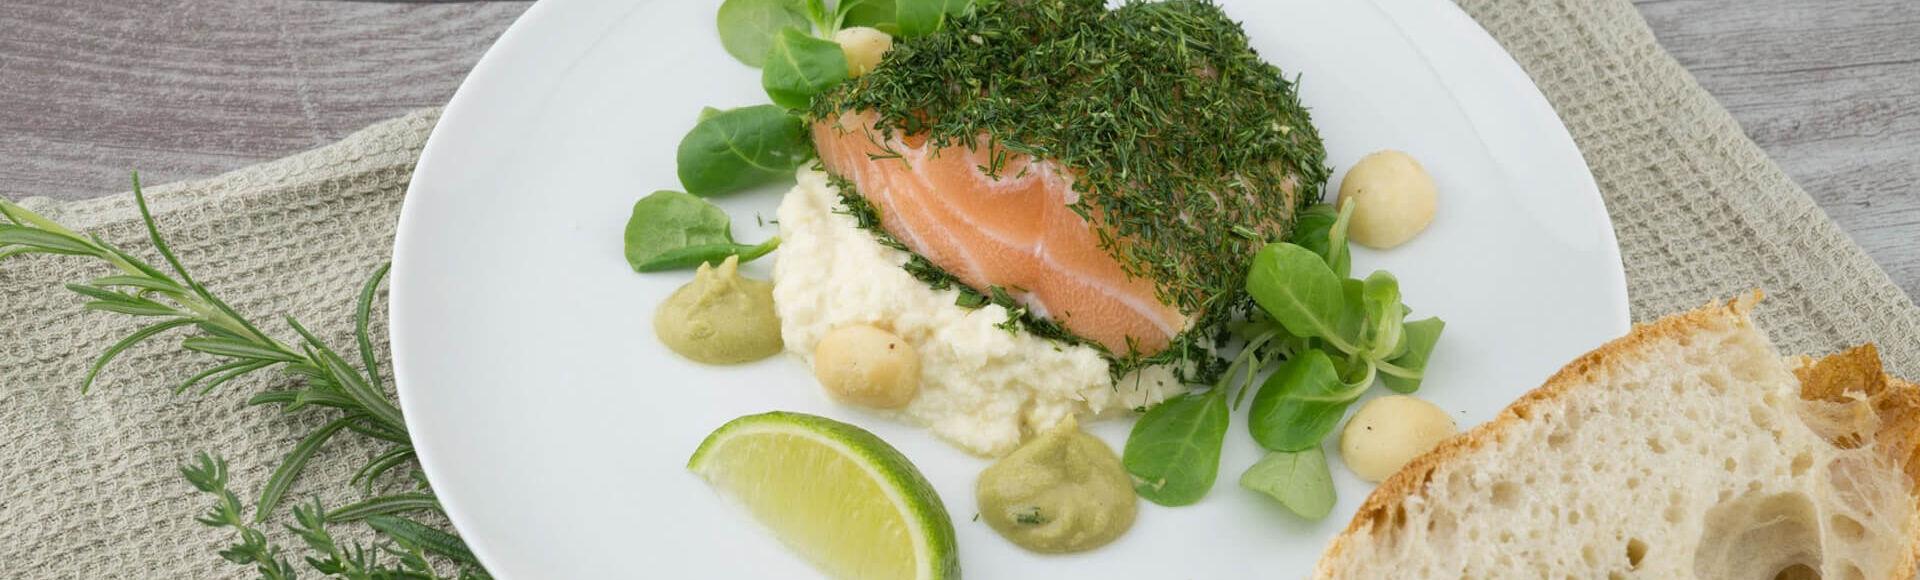 Dieta proteica en el embarazo